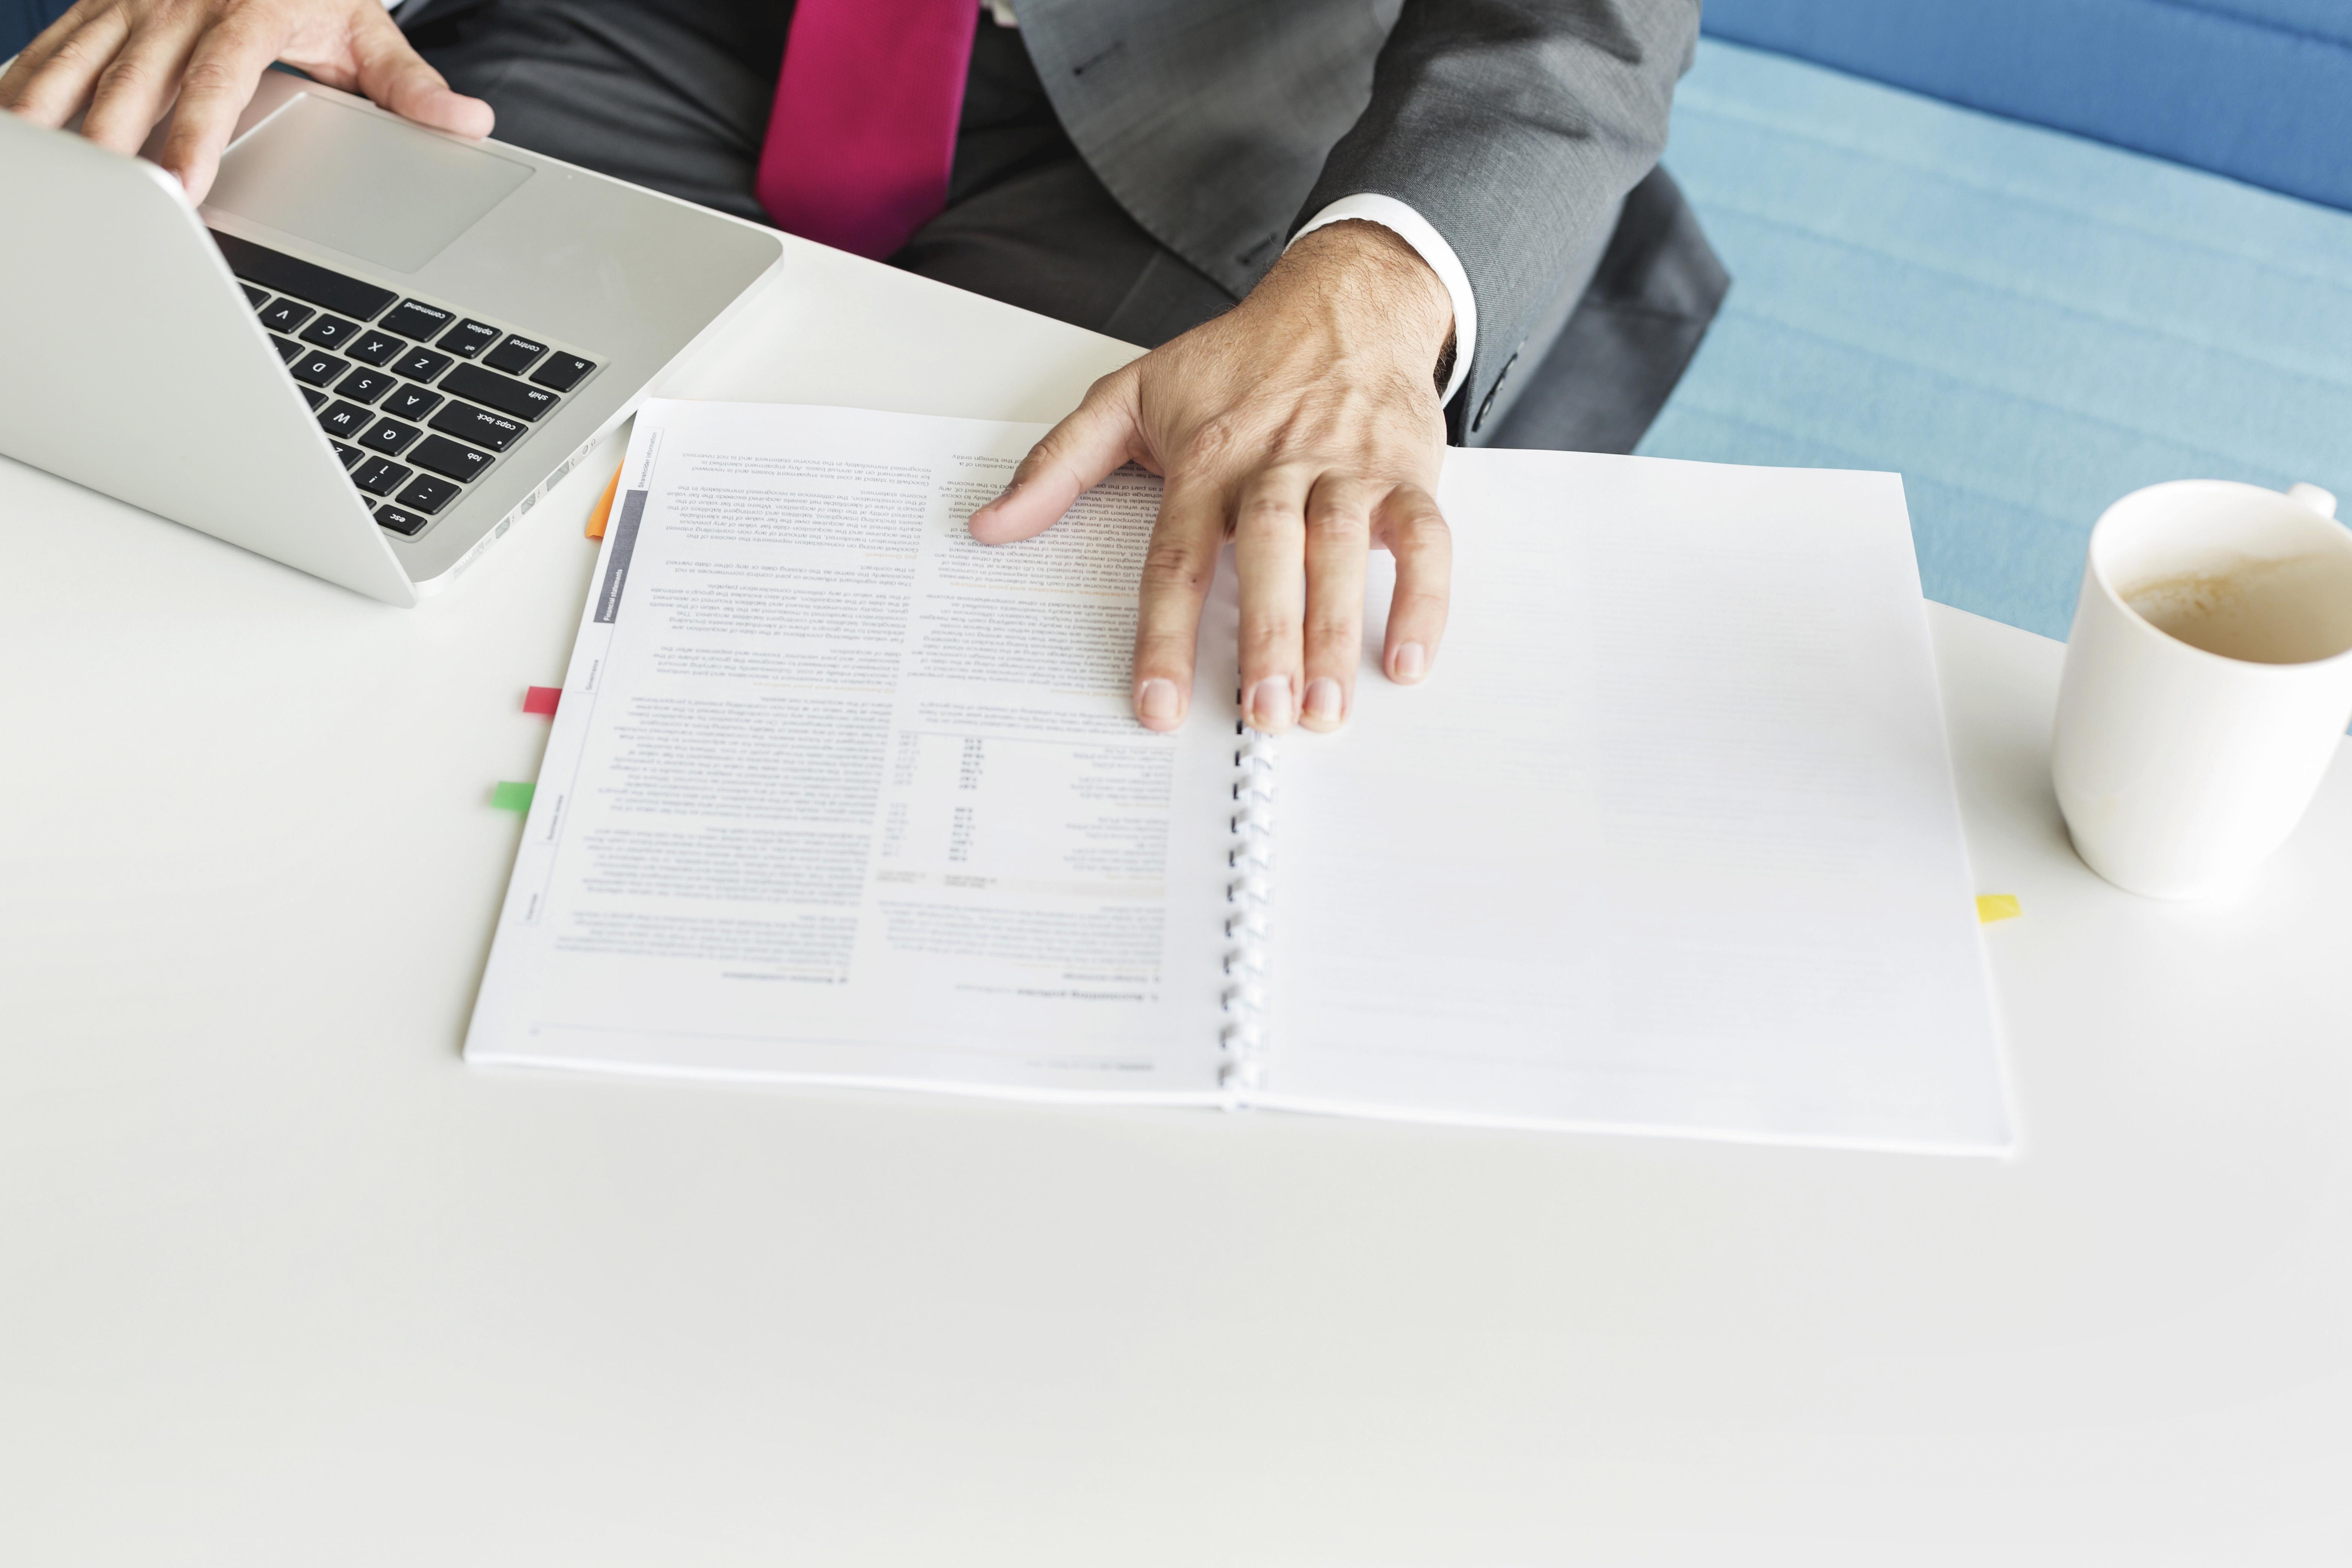 Eine Person arbeitet am Notebook, nebenher liest sie einen Bericht durch.